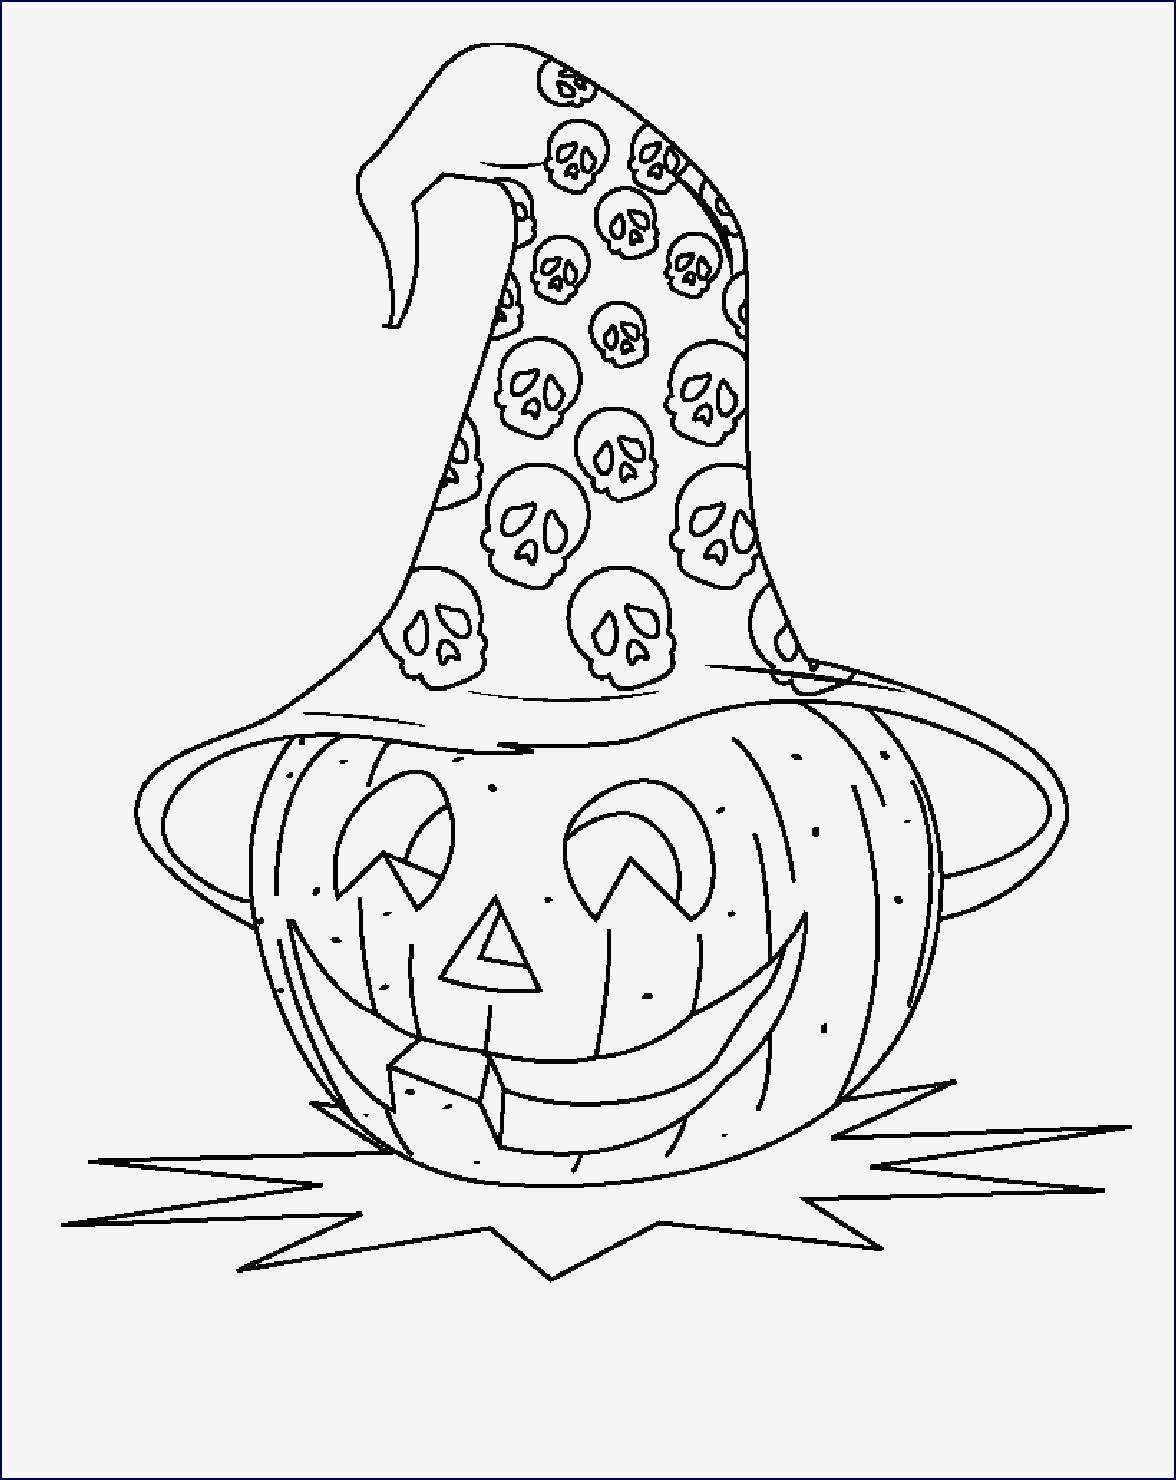 Halloween Ausmalbilder Spinne Genial 40 Frisch Bibi Blocksberg Ausmalbilder – Große Coloring Page Sammlung Galerie